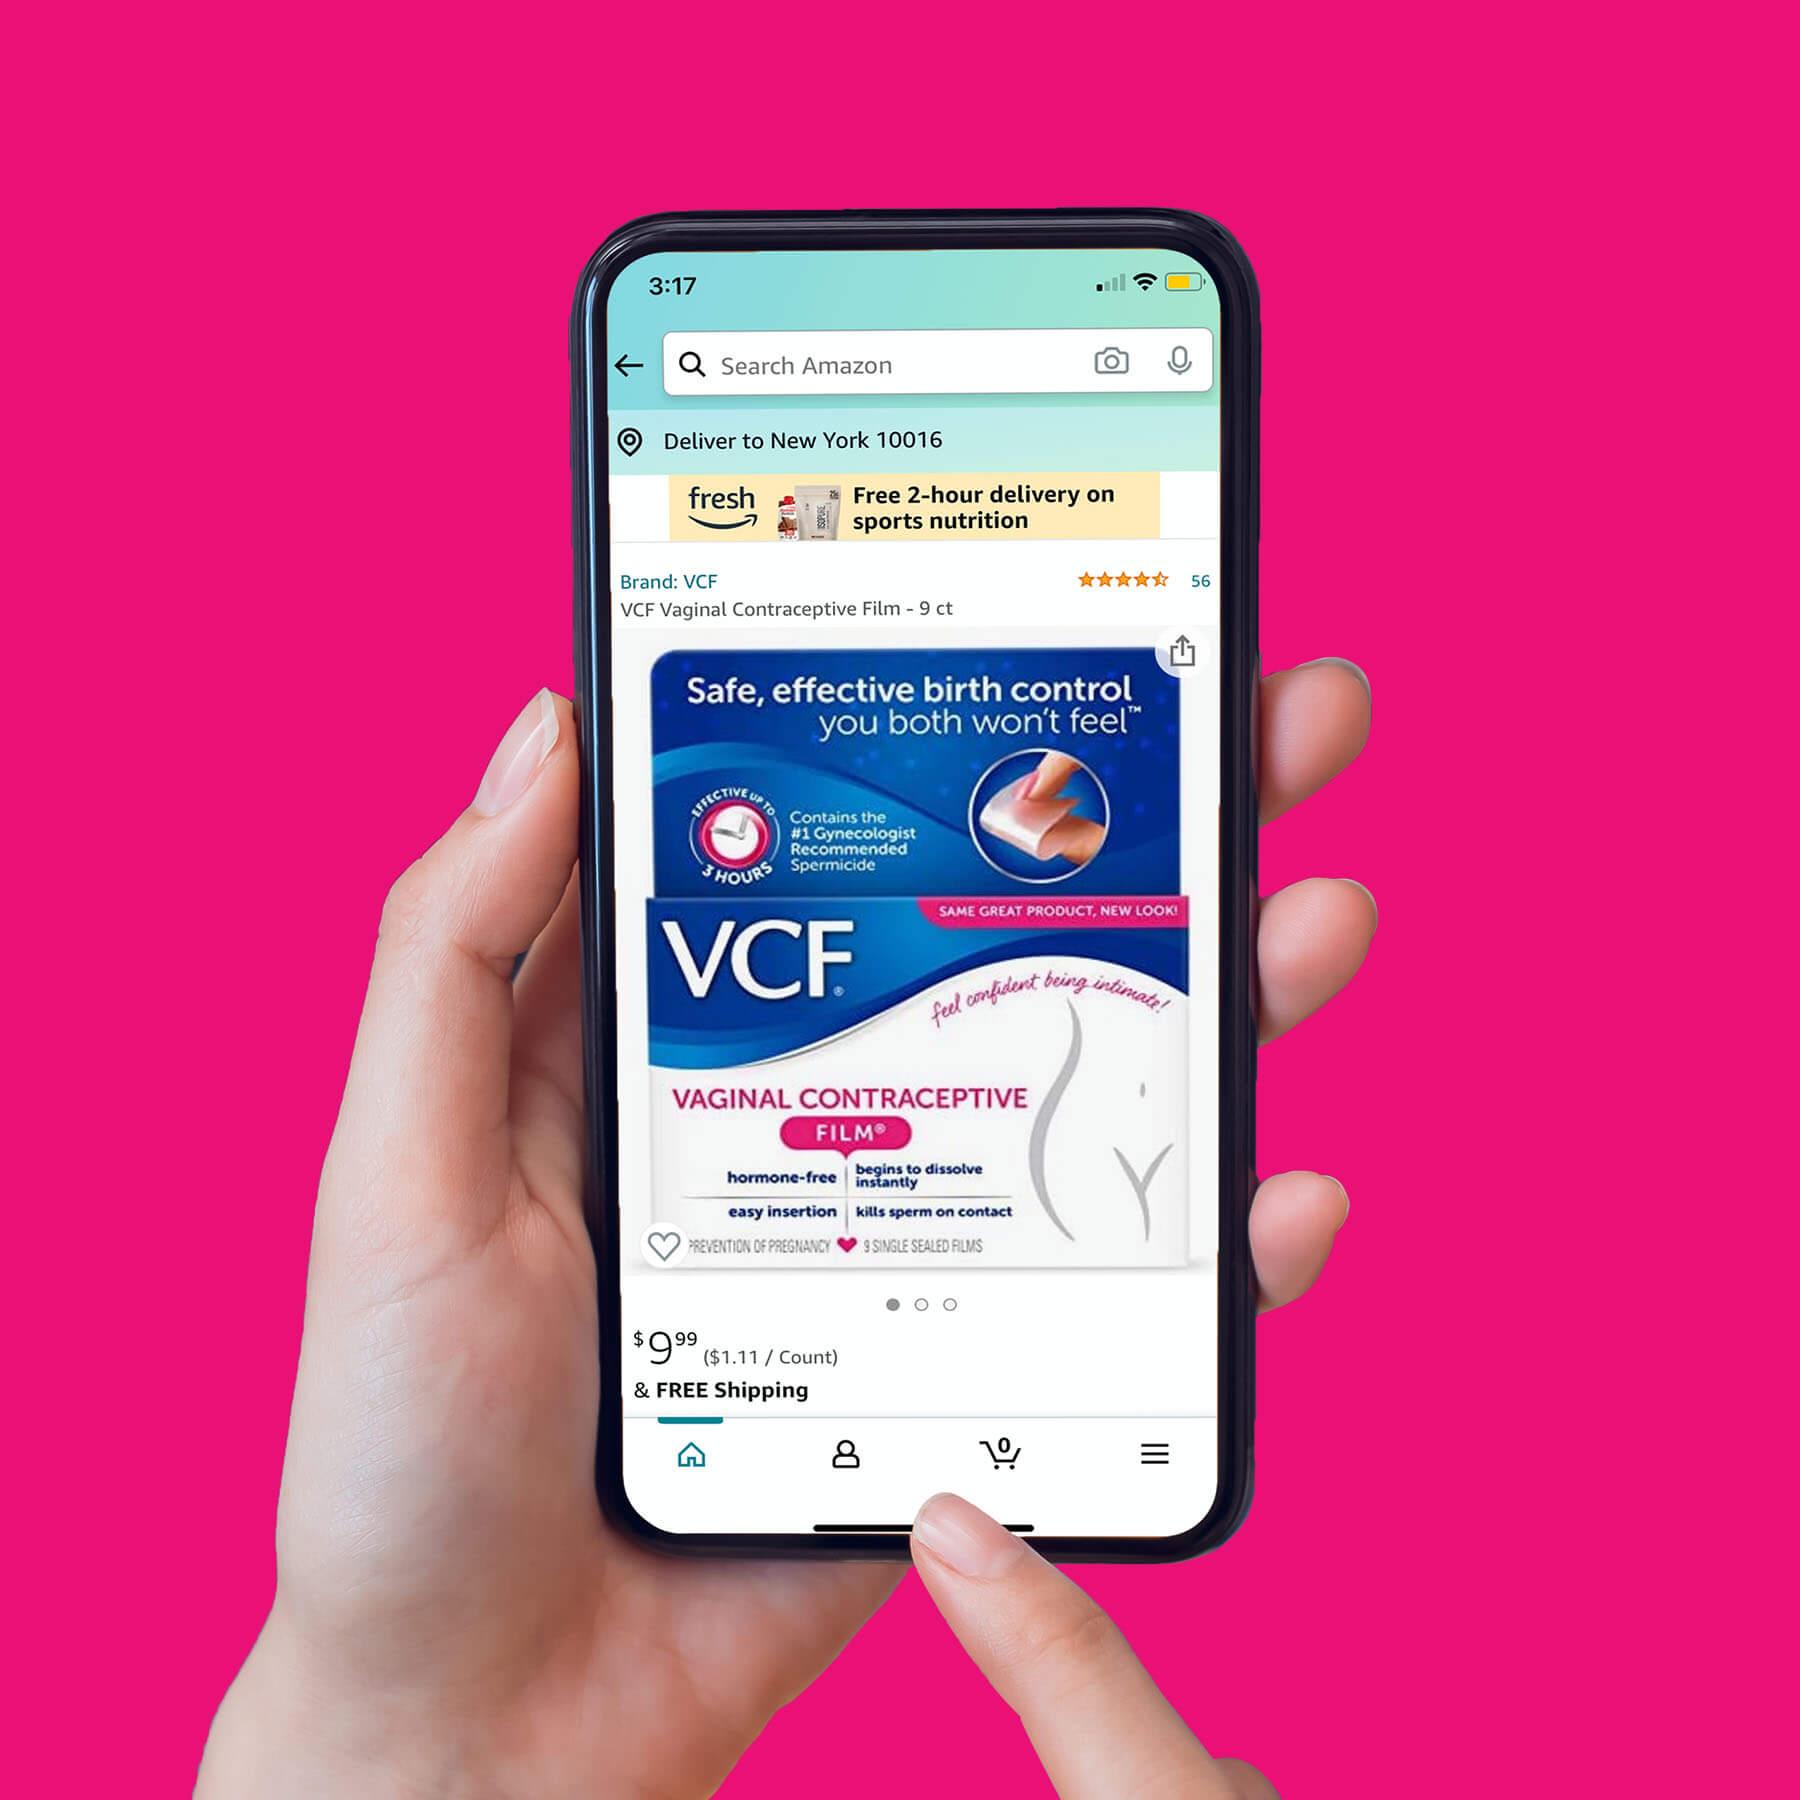 VCF on Amazon